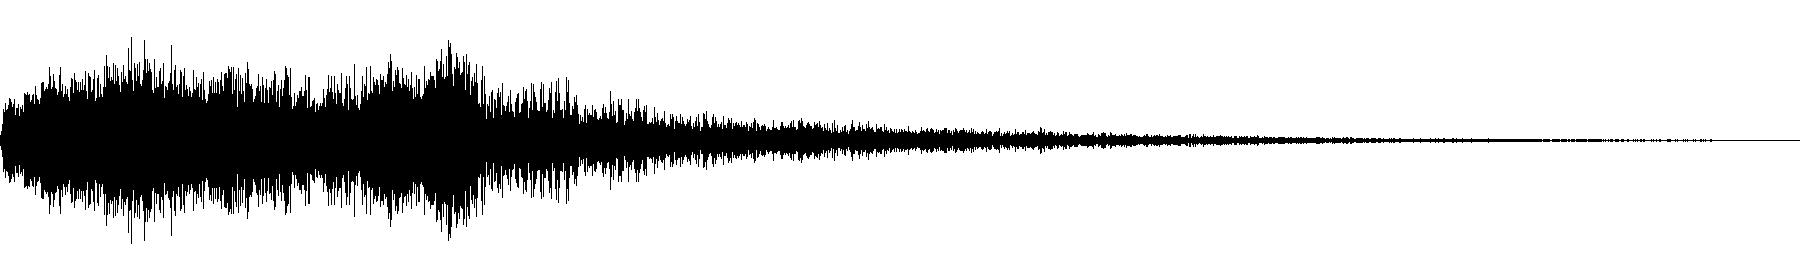 vfx1 atmos 12